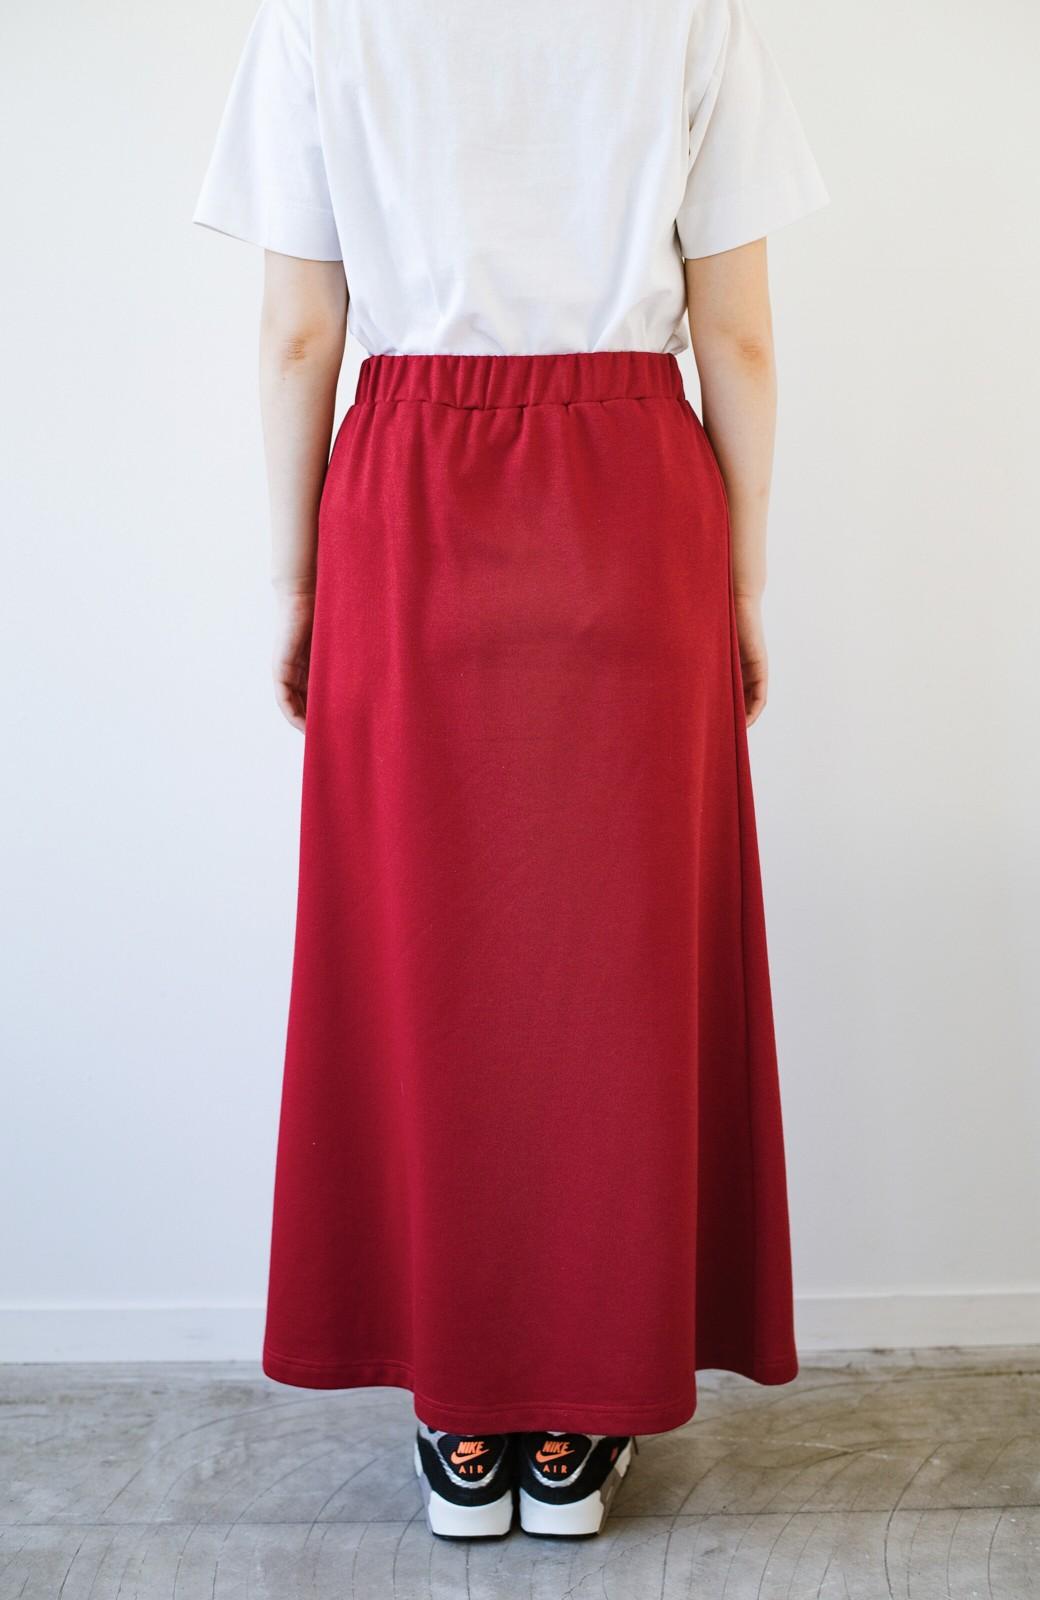 haco! 【洗濯機洗い可】日々に彩りをプラス!おしゃれ度と気分を上げてくれる綺麗色スカート <レッド>の商品写真11